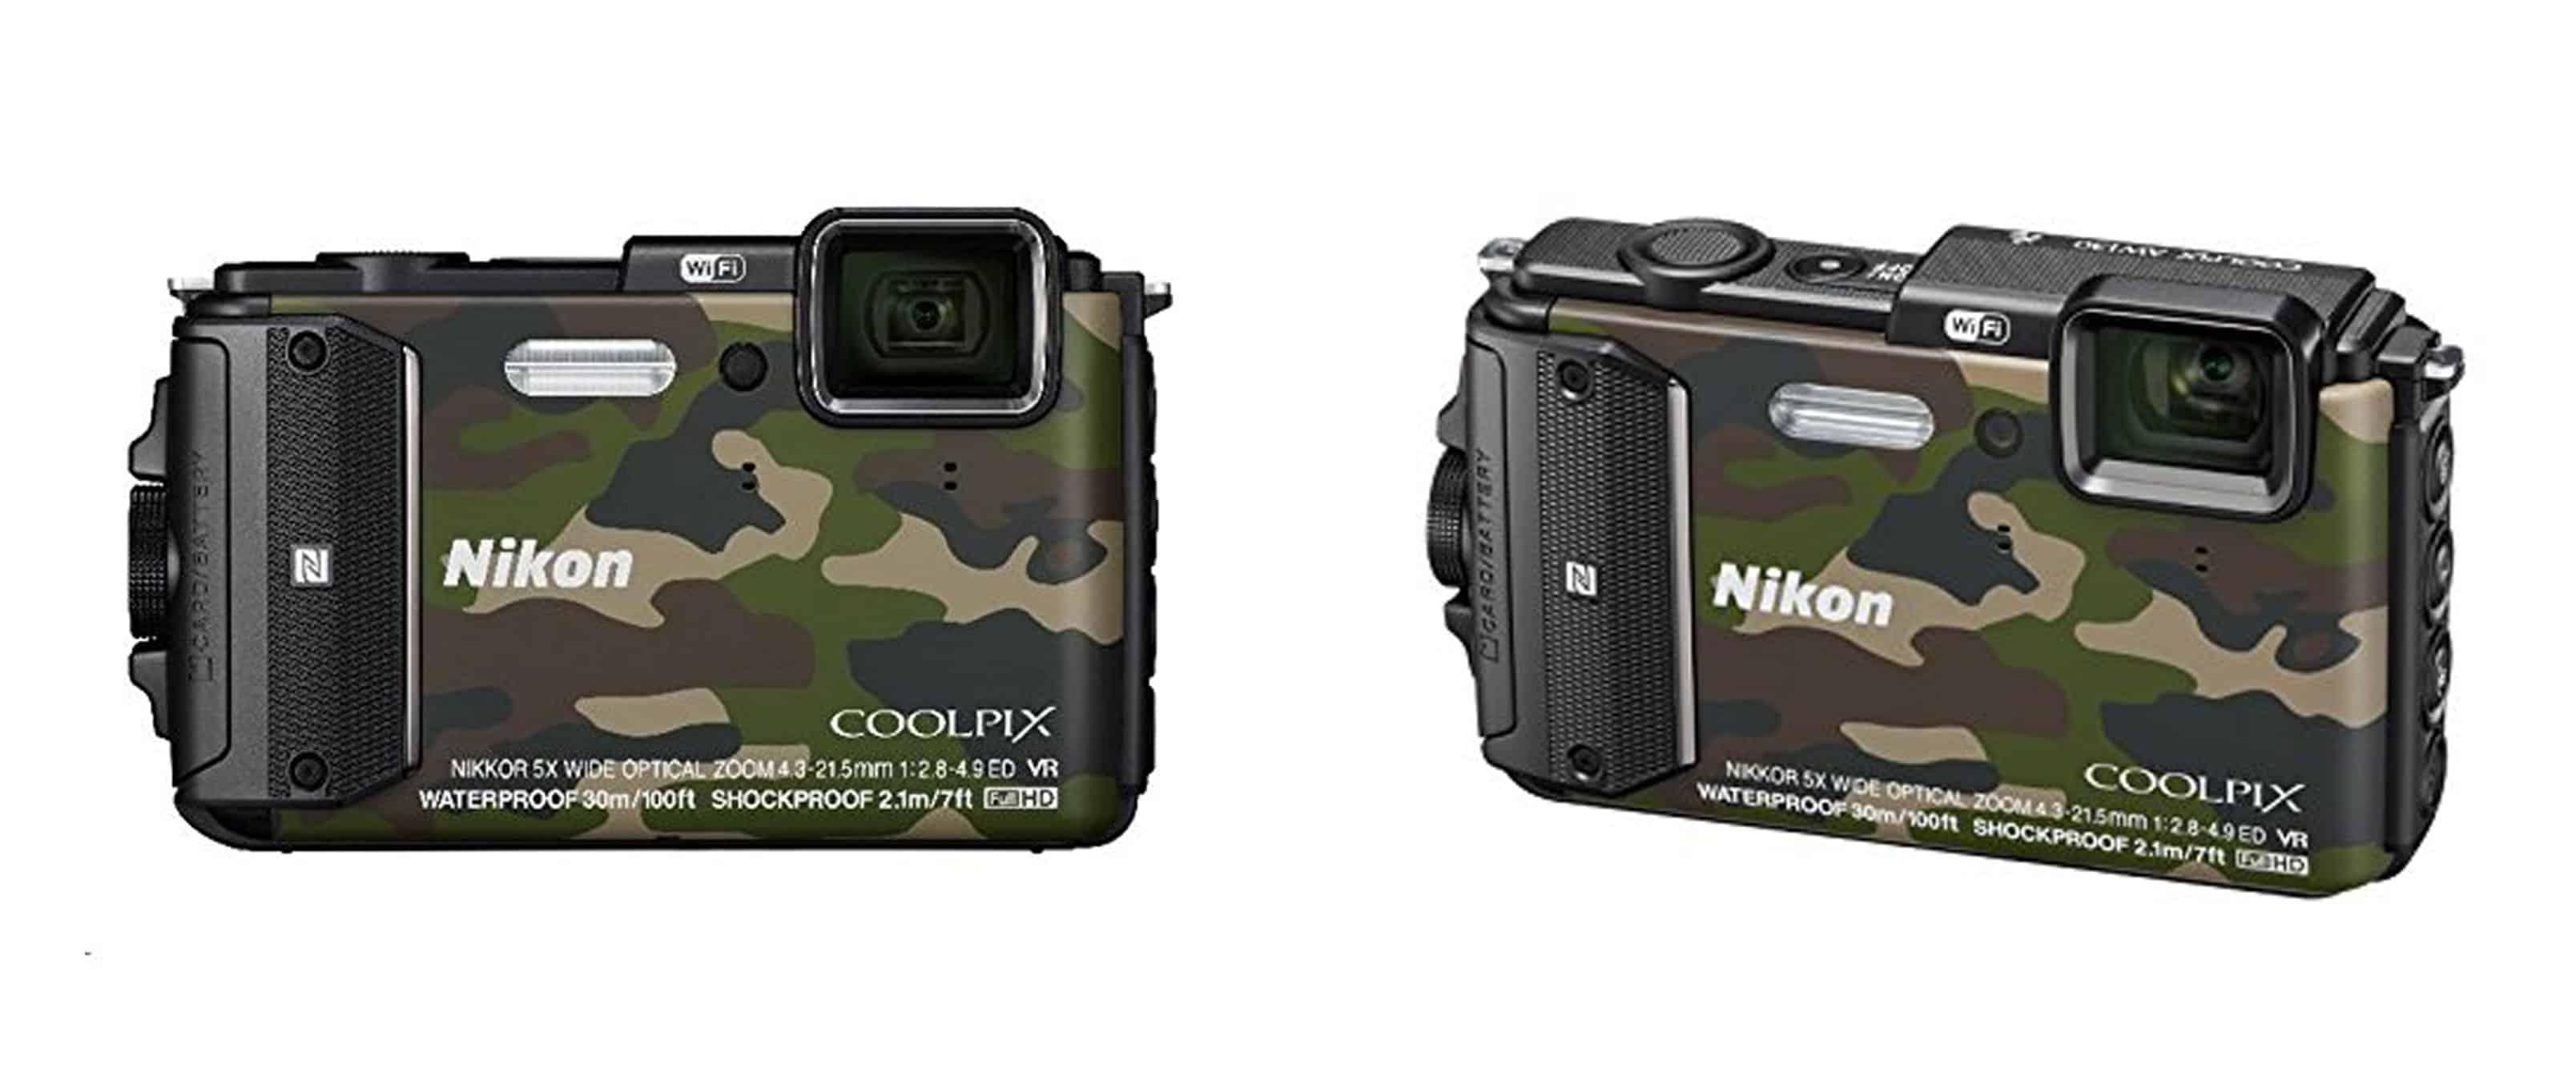 nikon coolpix aw130, fotocamera subacquea